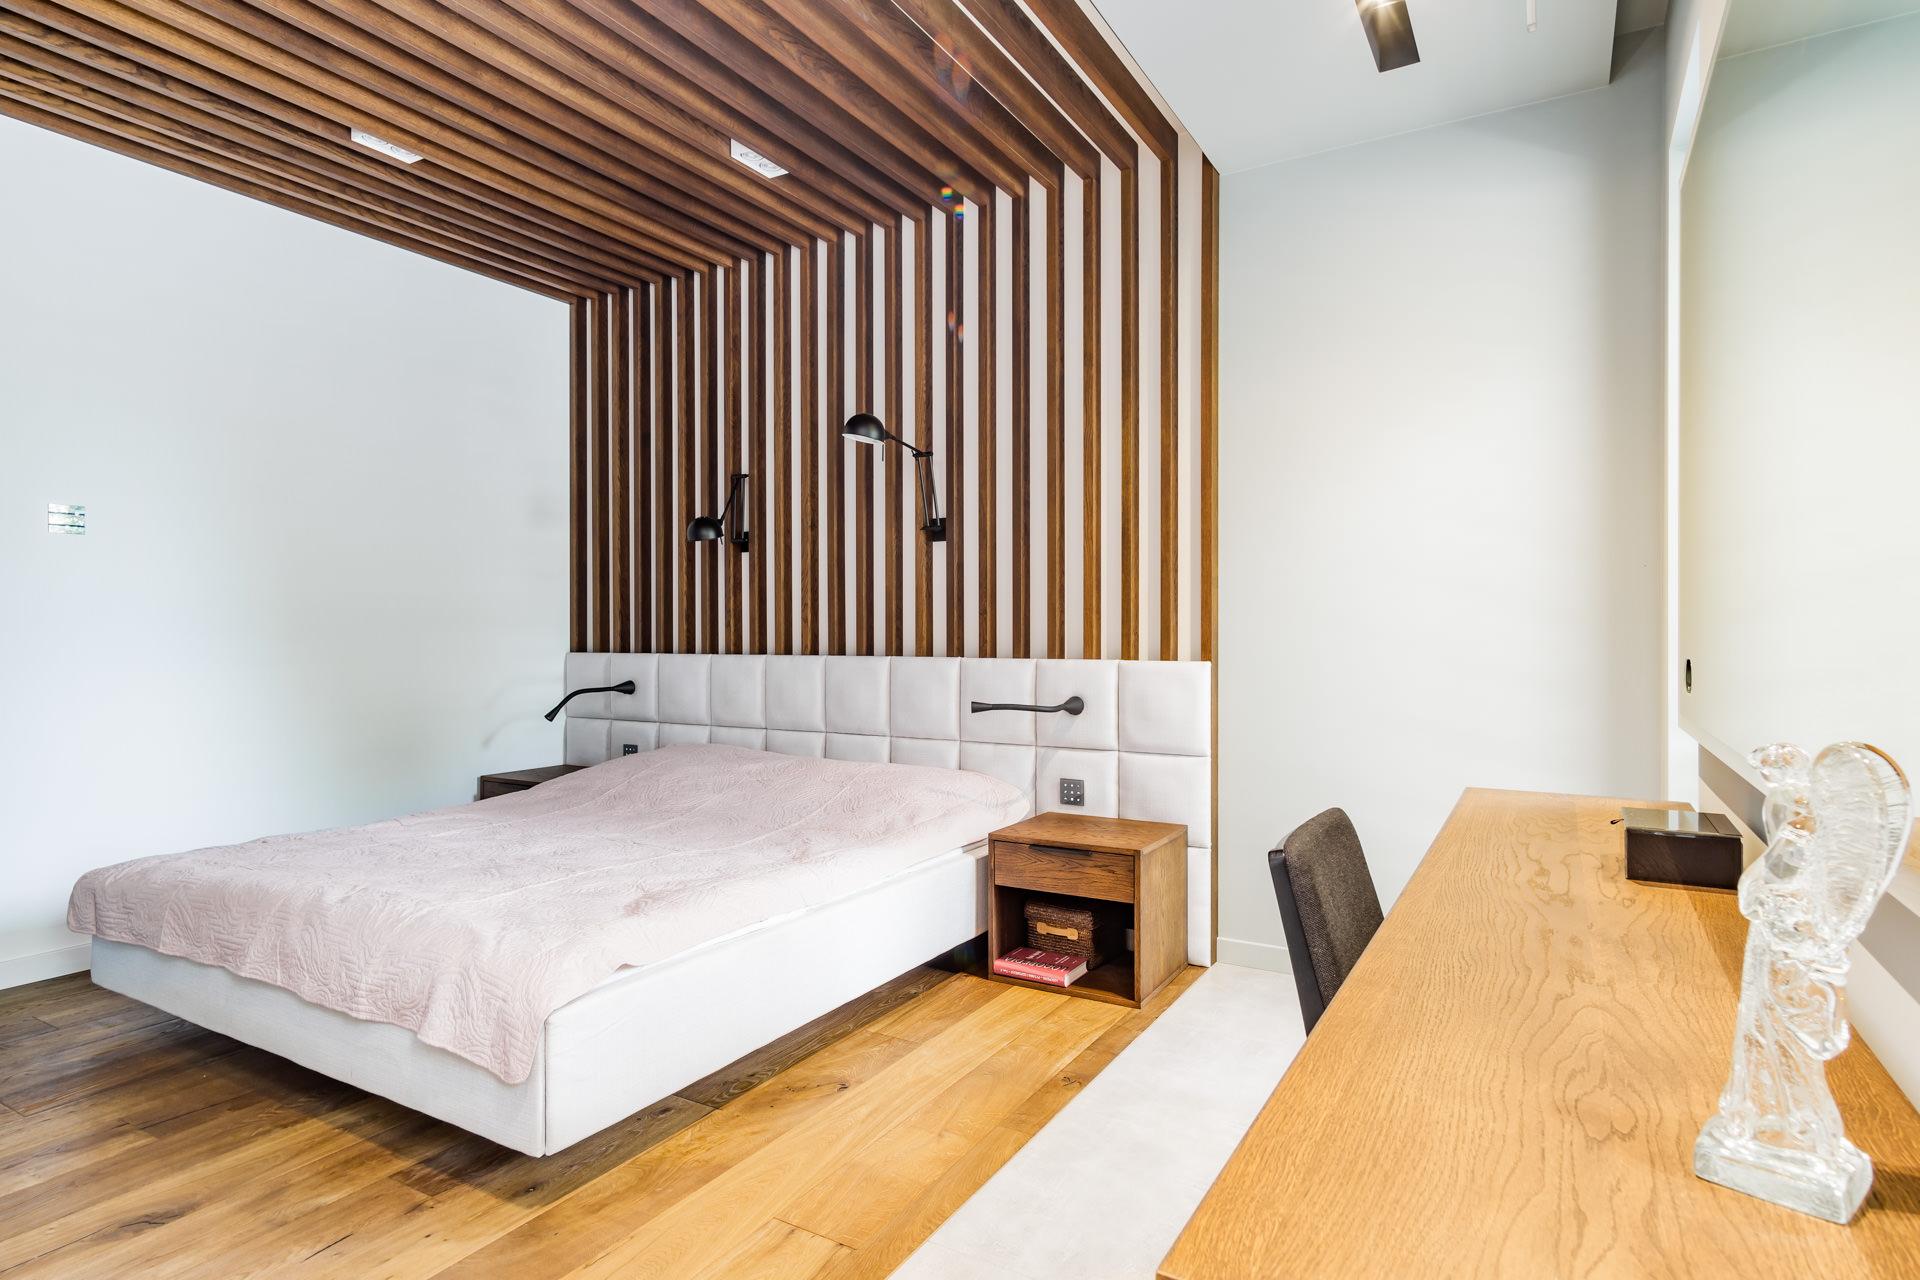 nowoczesny-luksusowy-dom-zdjecia-do-sprzedazy (7)